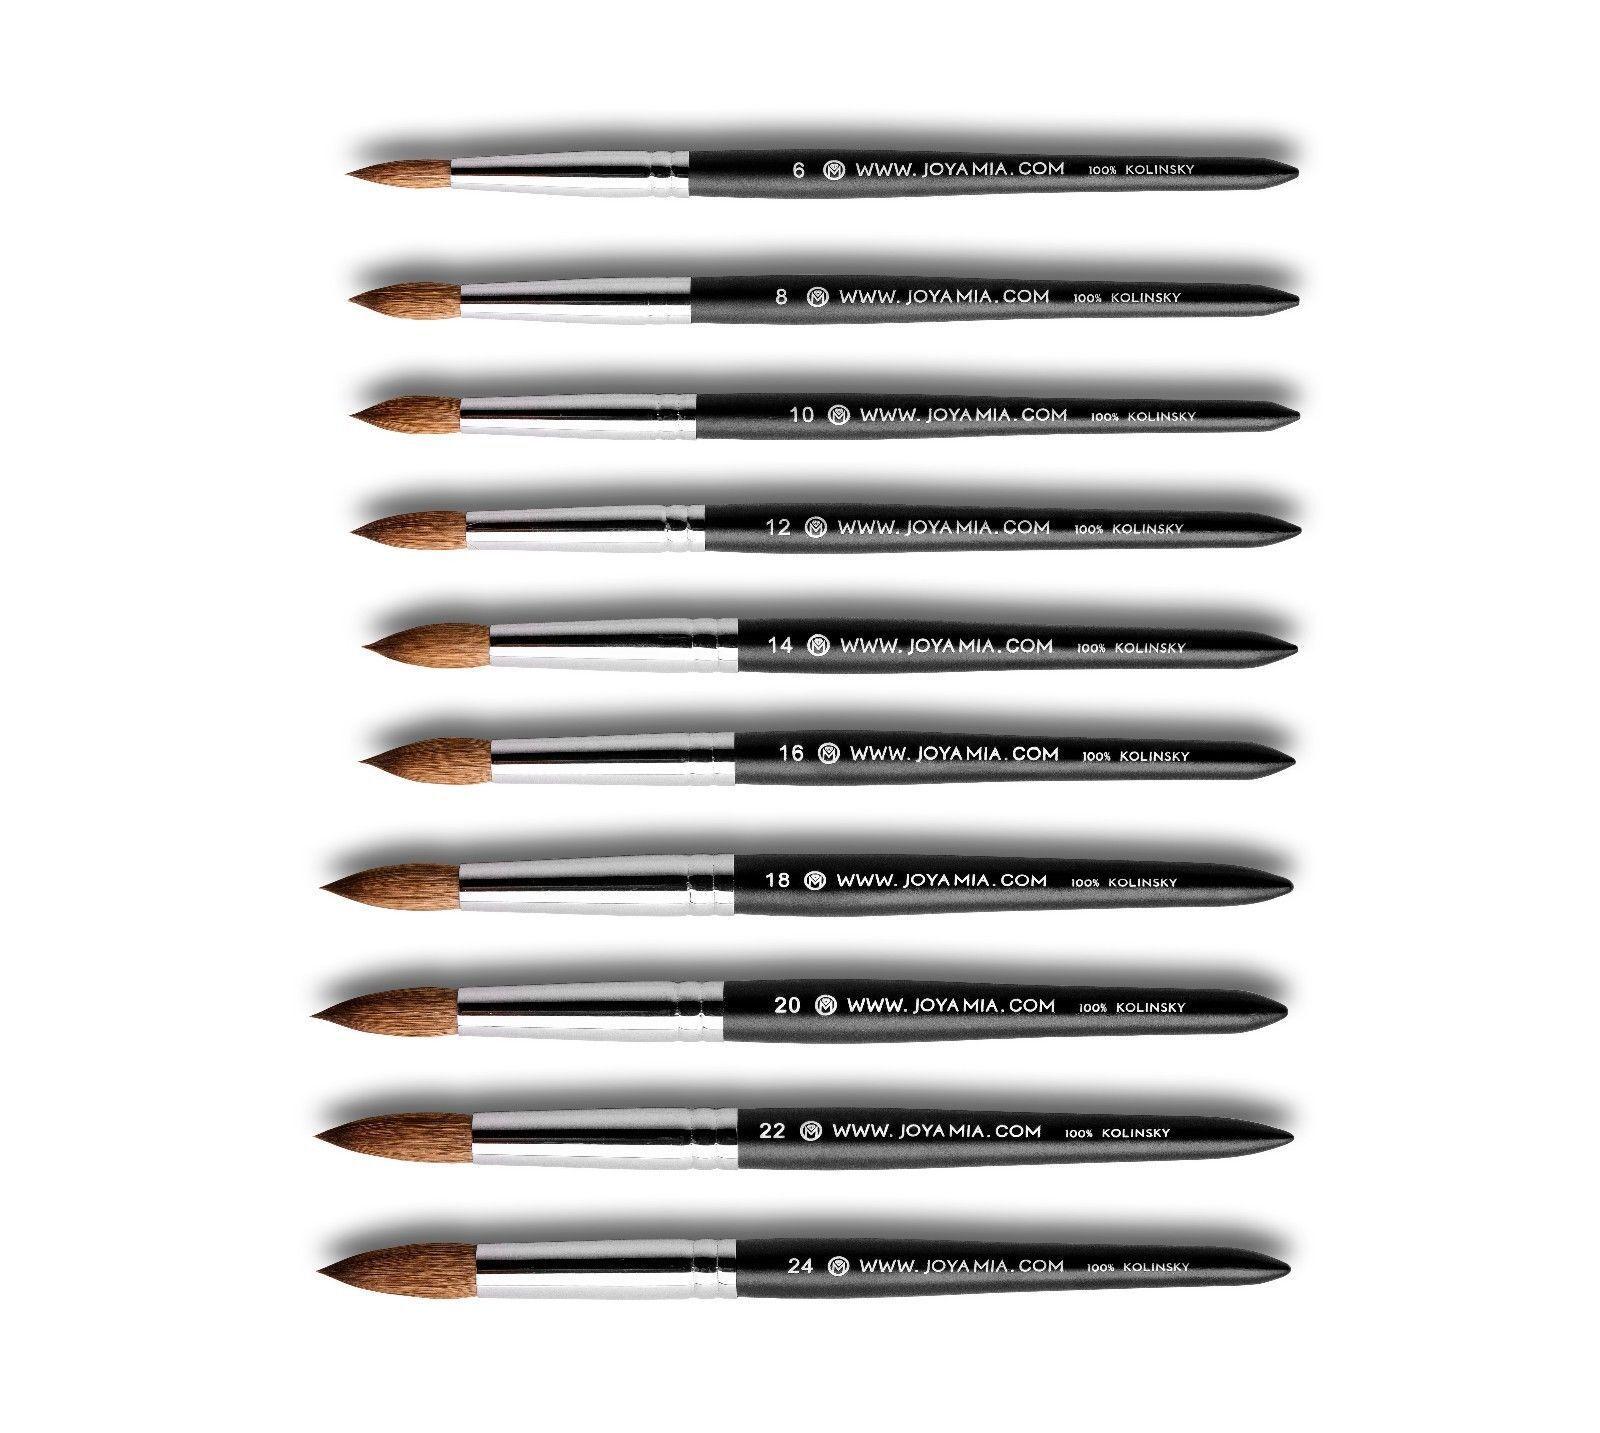 Joya Mia 100 Pure Kolinsky Acrylic Nail Brush Size 6 8 10 12 14 16 18 20 22 24